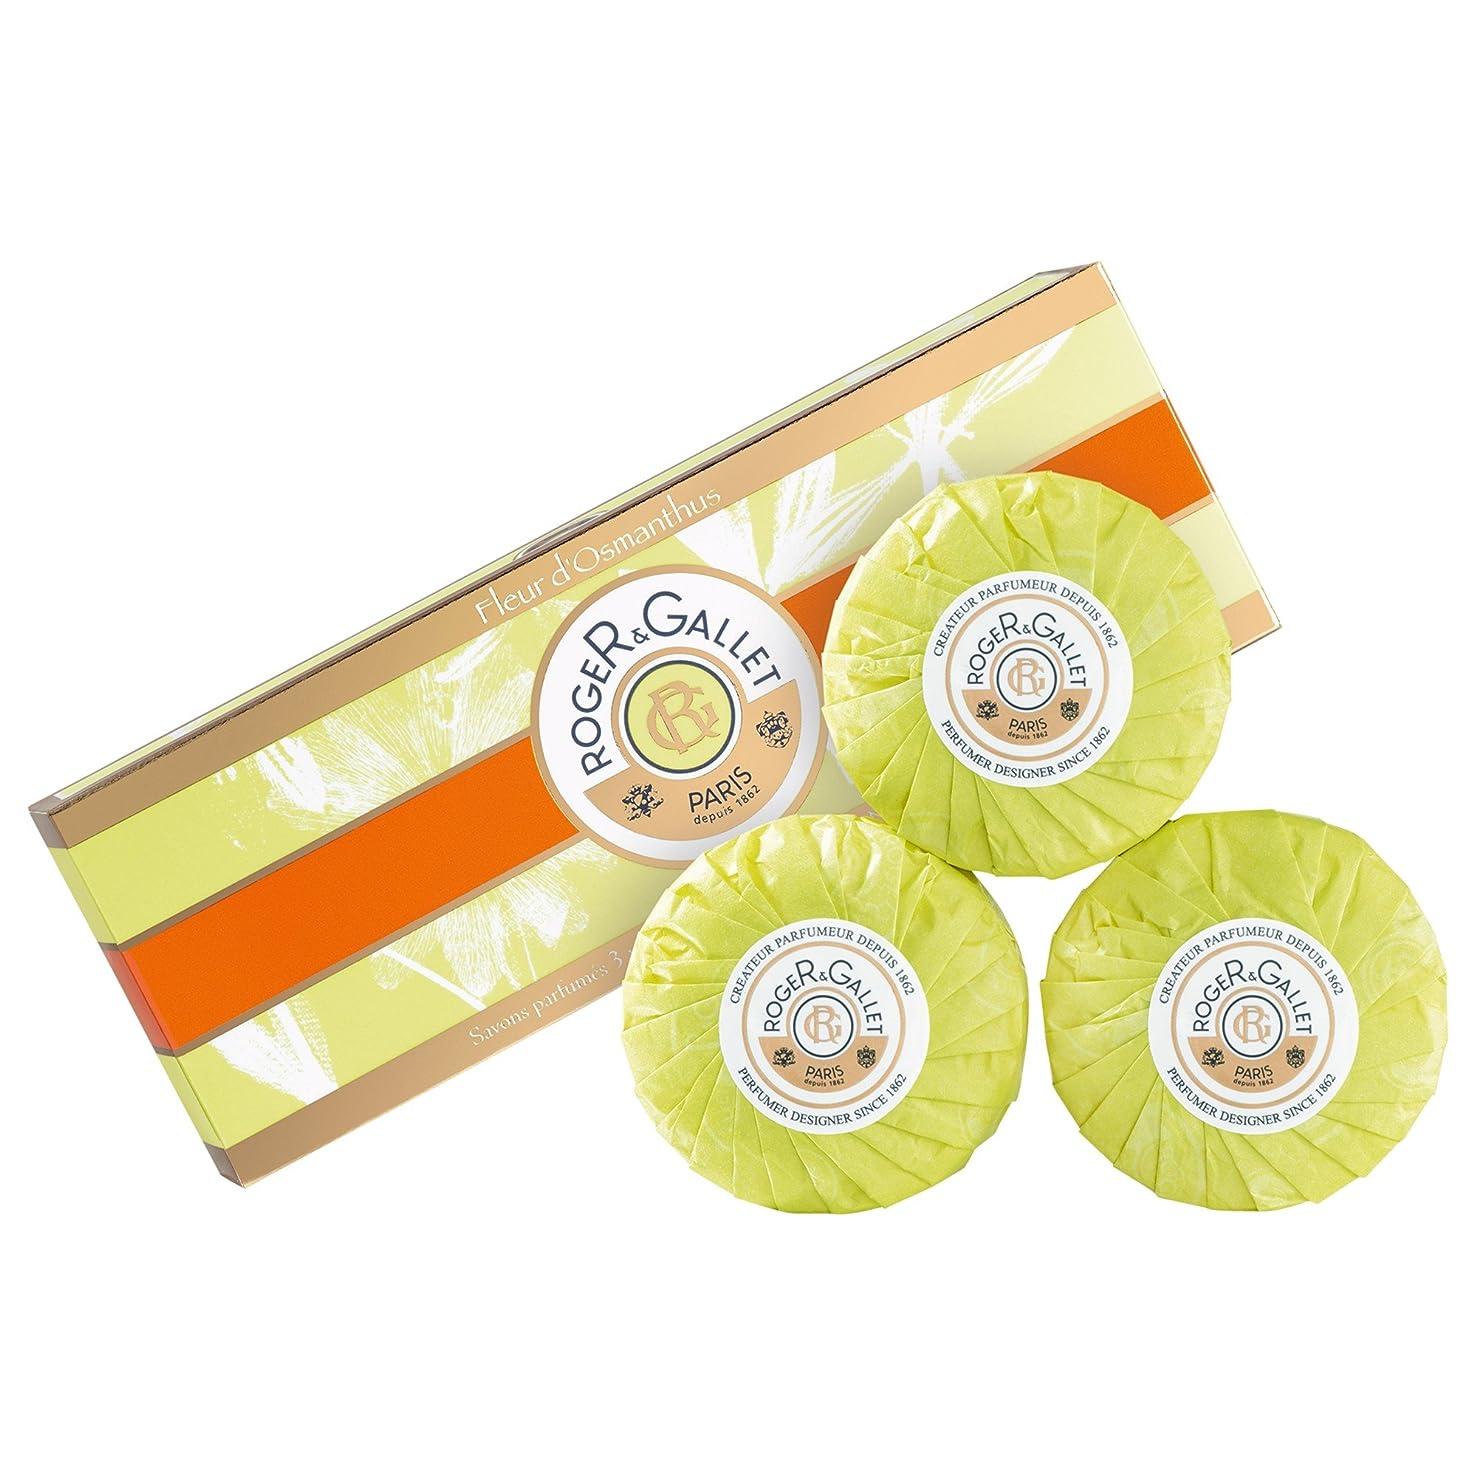 ペレグリネーションビーズ呼吸するロジャー&Galletのフルールドールキンモクセイソープコフレ3つのX 100グラム (Roger & Gallet) (x2) - Roger & Gallet Fleur d'Osmanthus Soap Coffret 3 x 100g (Pack of 2) [並行輸入品]